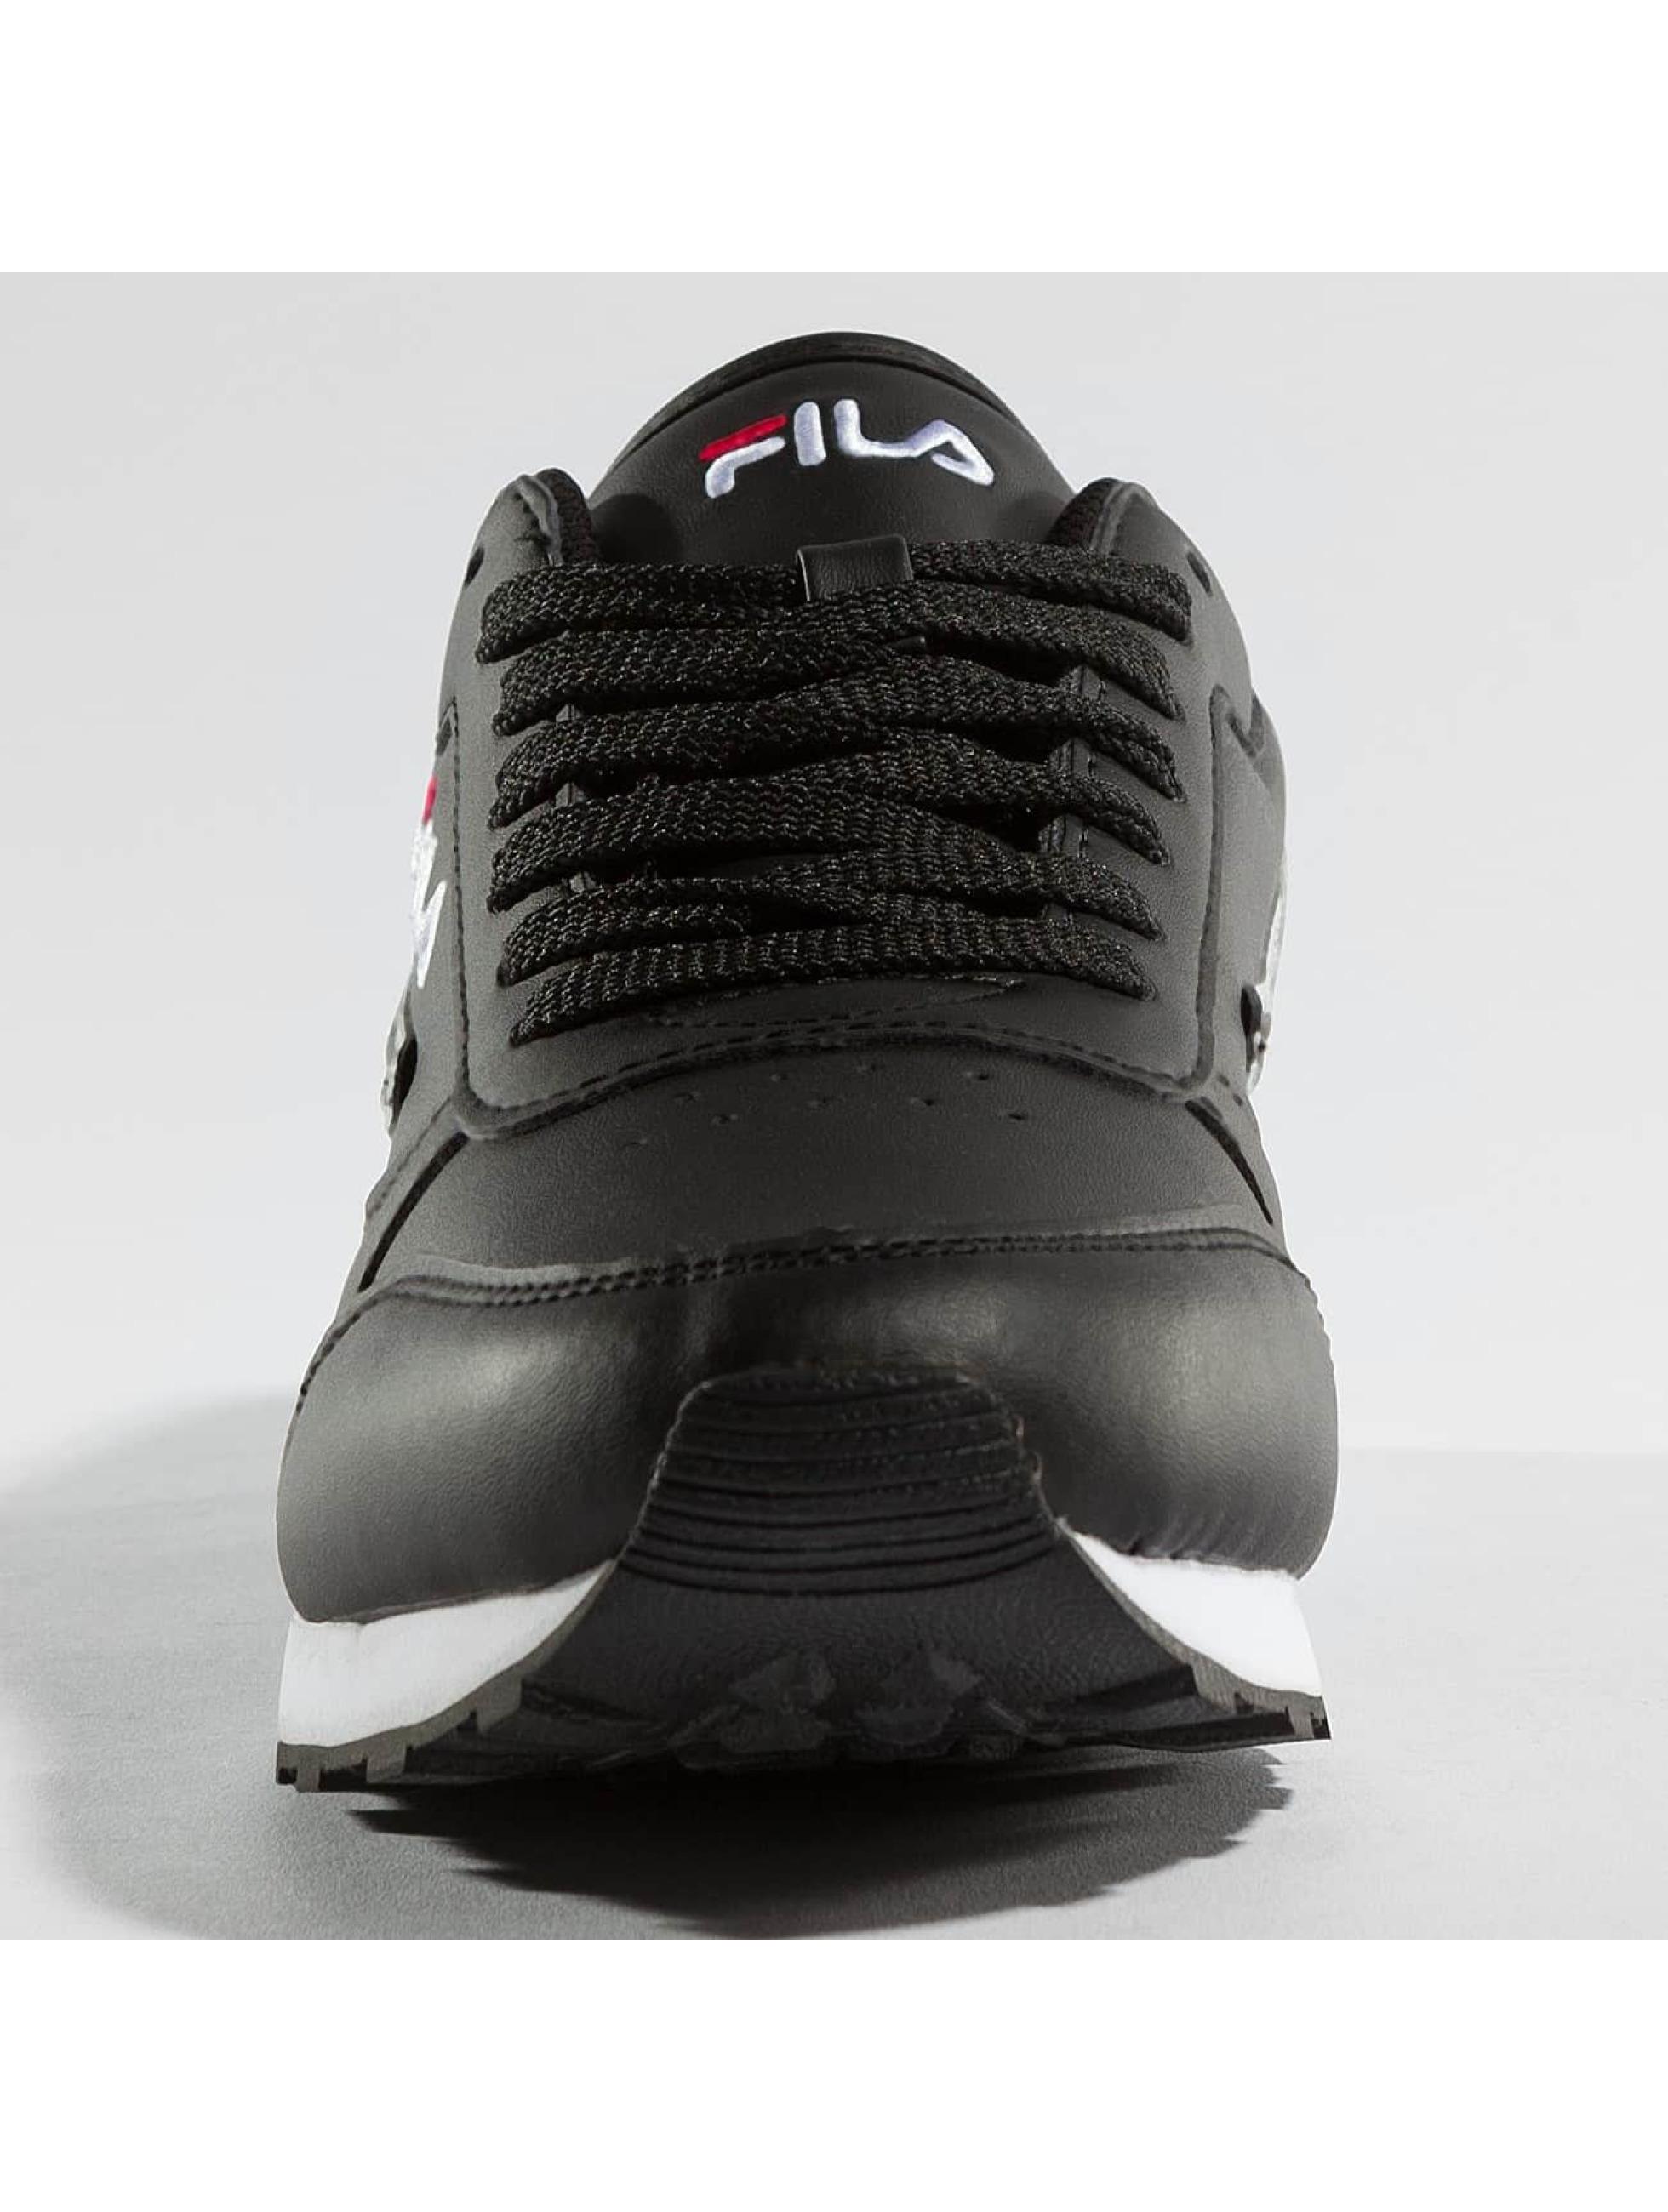 FILA Sneaker Orbit Low schwarz